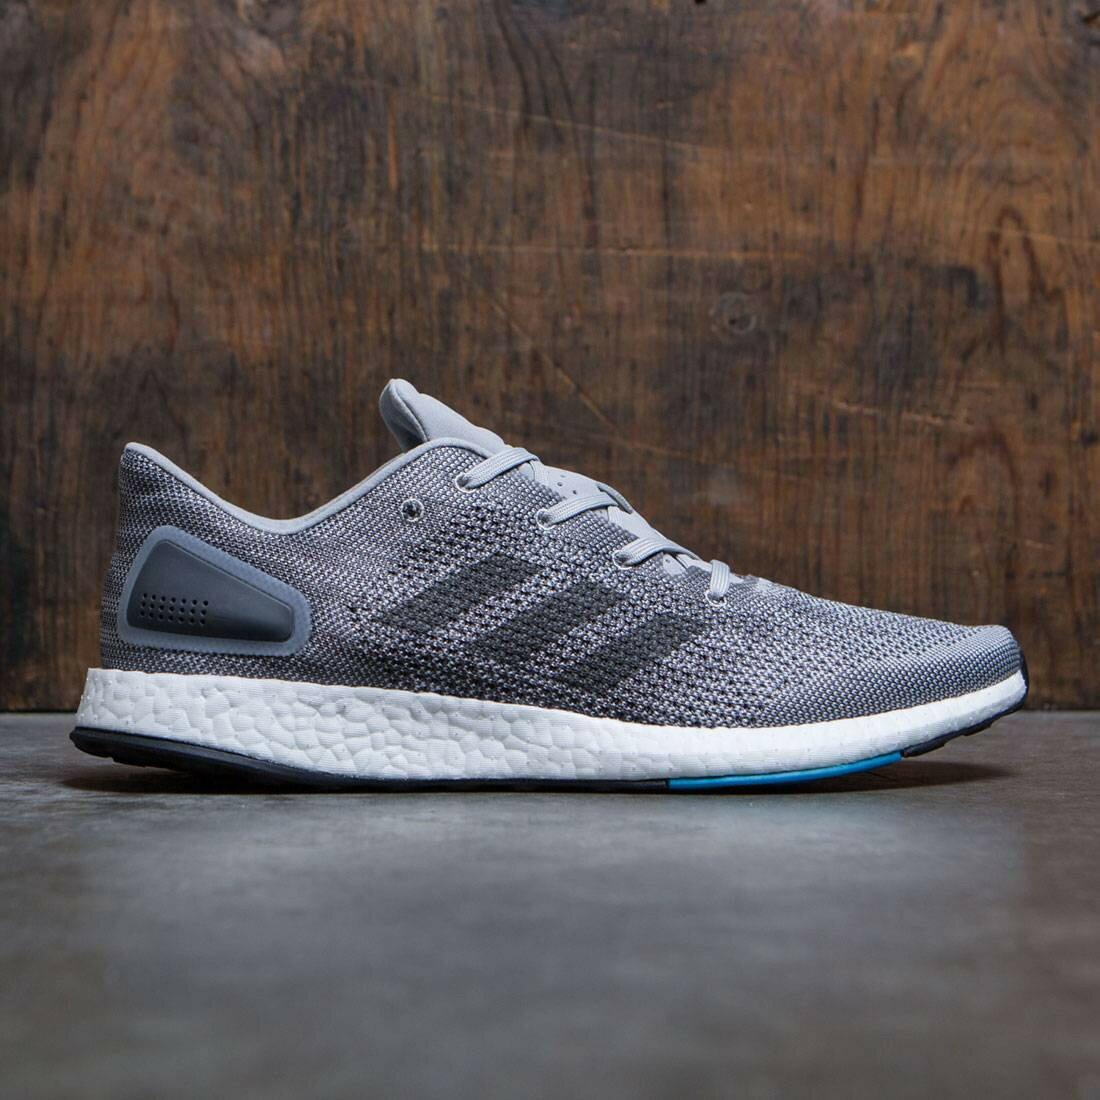 アディダス adidas グレイ gray灰色 メン ソリッド men pureboost dpr gray solid grey two 靴 スニーカー メンズ靴:スニーカーケース